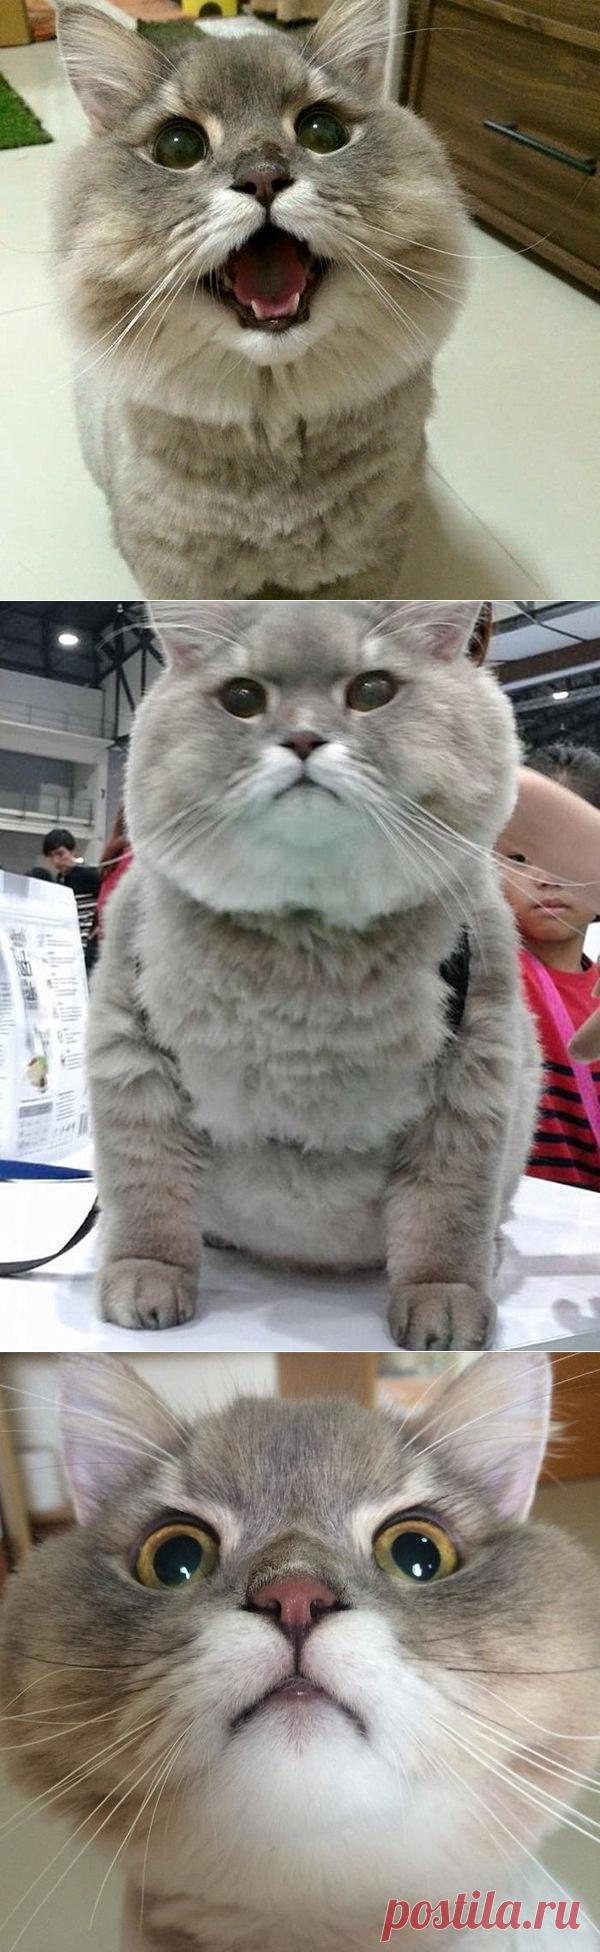 Это Бон-Бон, самый толстый и пушистый кот из Таиланда.